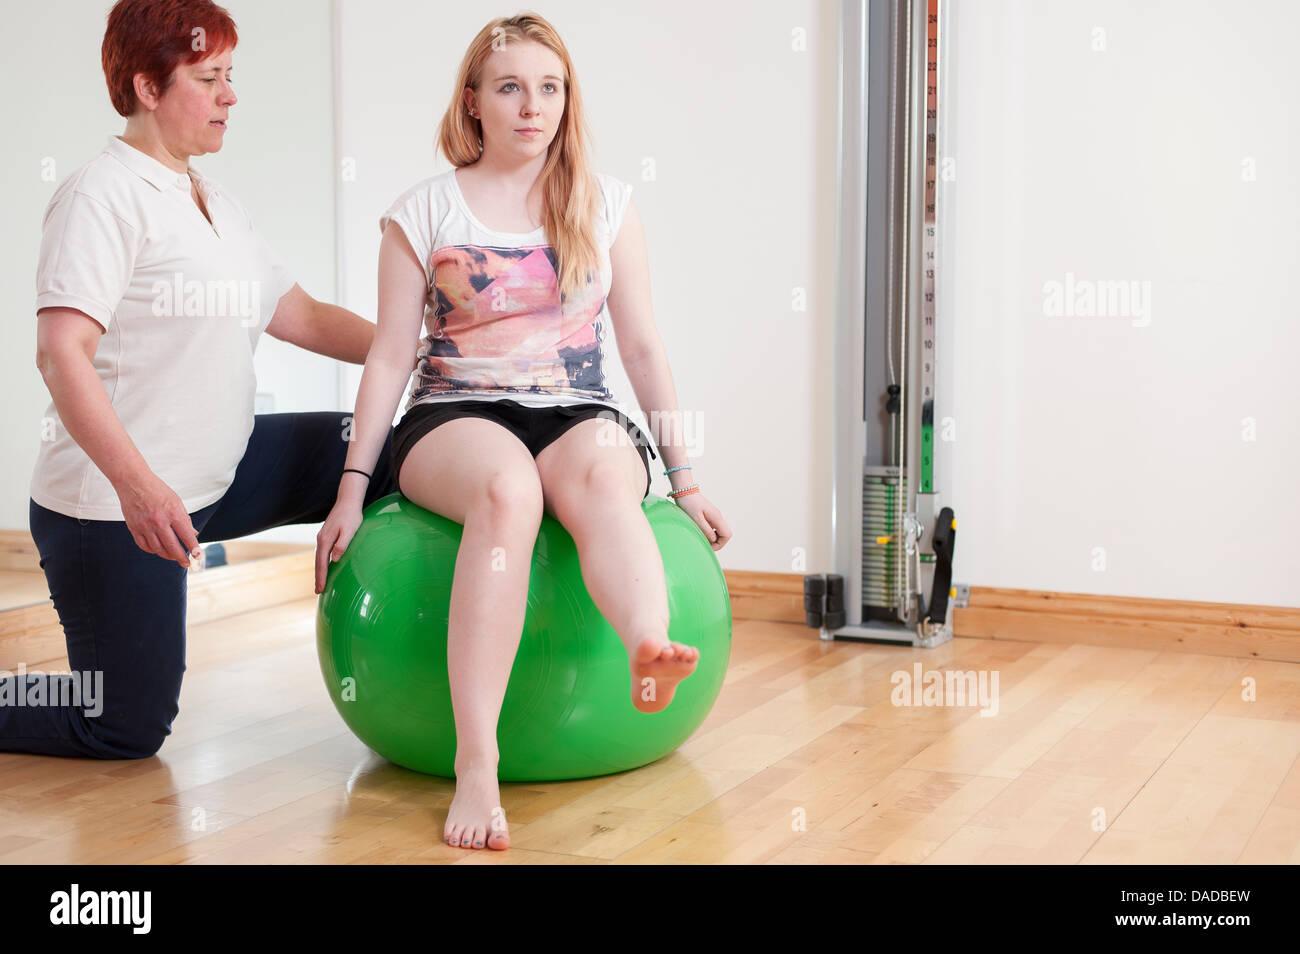 Junge Frau sitzt auf Fitness-Ball, geführt von Reife Frau Stockbild